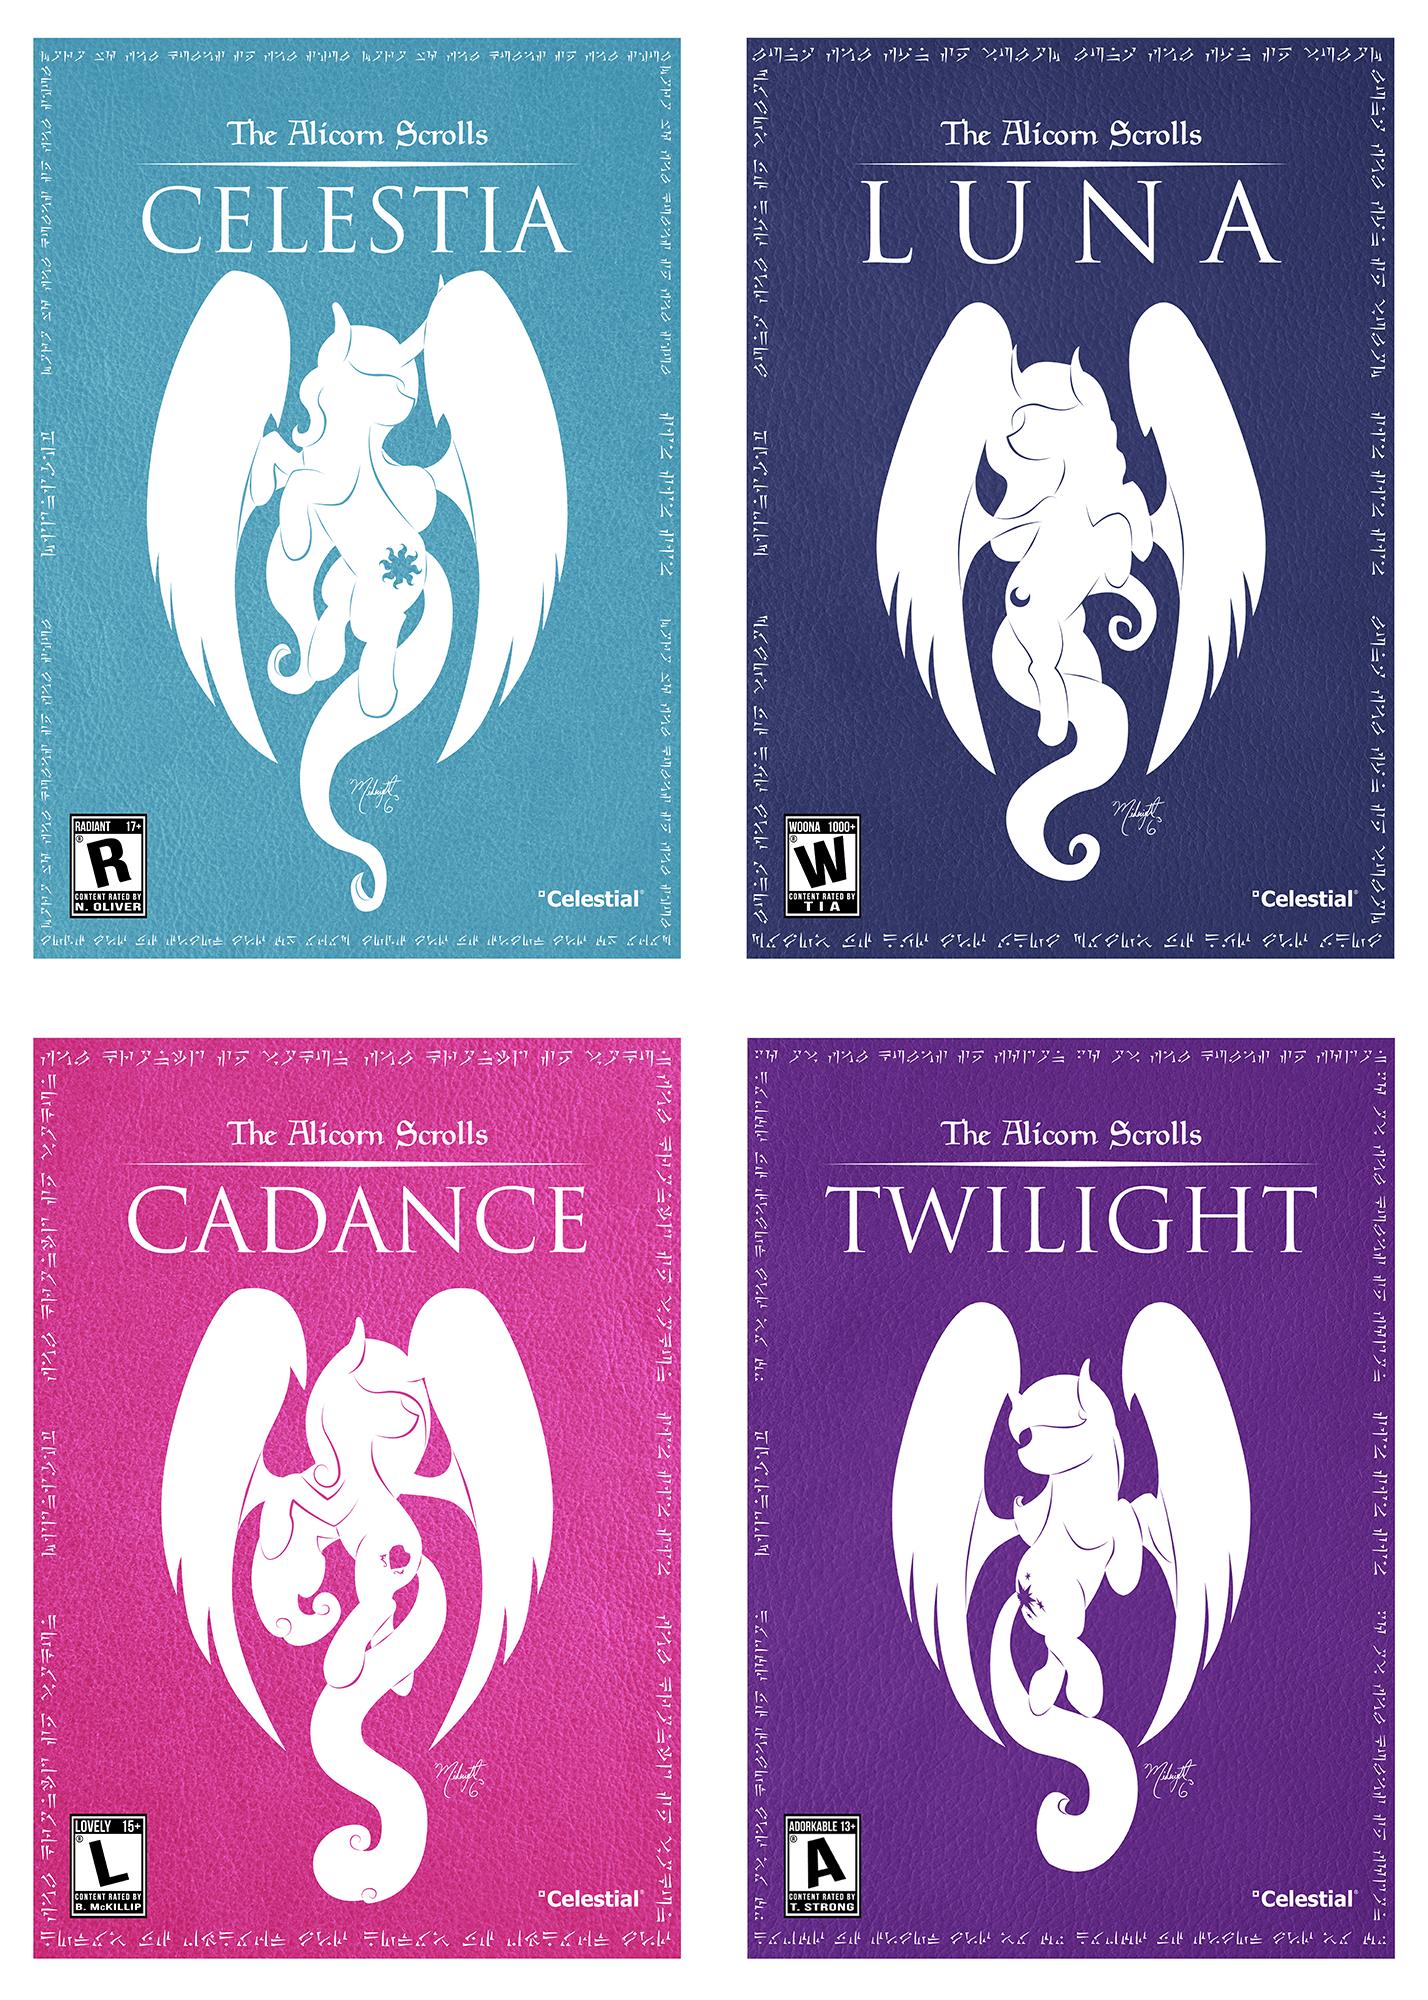 The Alicorn Scrolls by Midnight6-6-6.deviantart.com on @deviantART